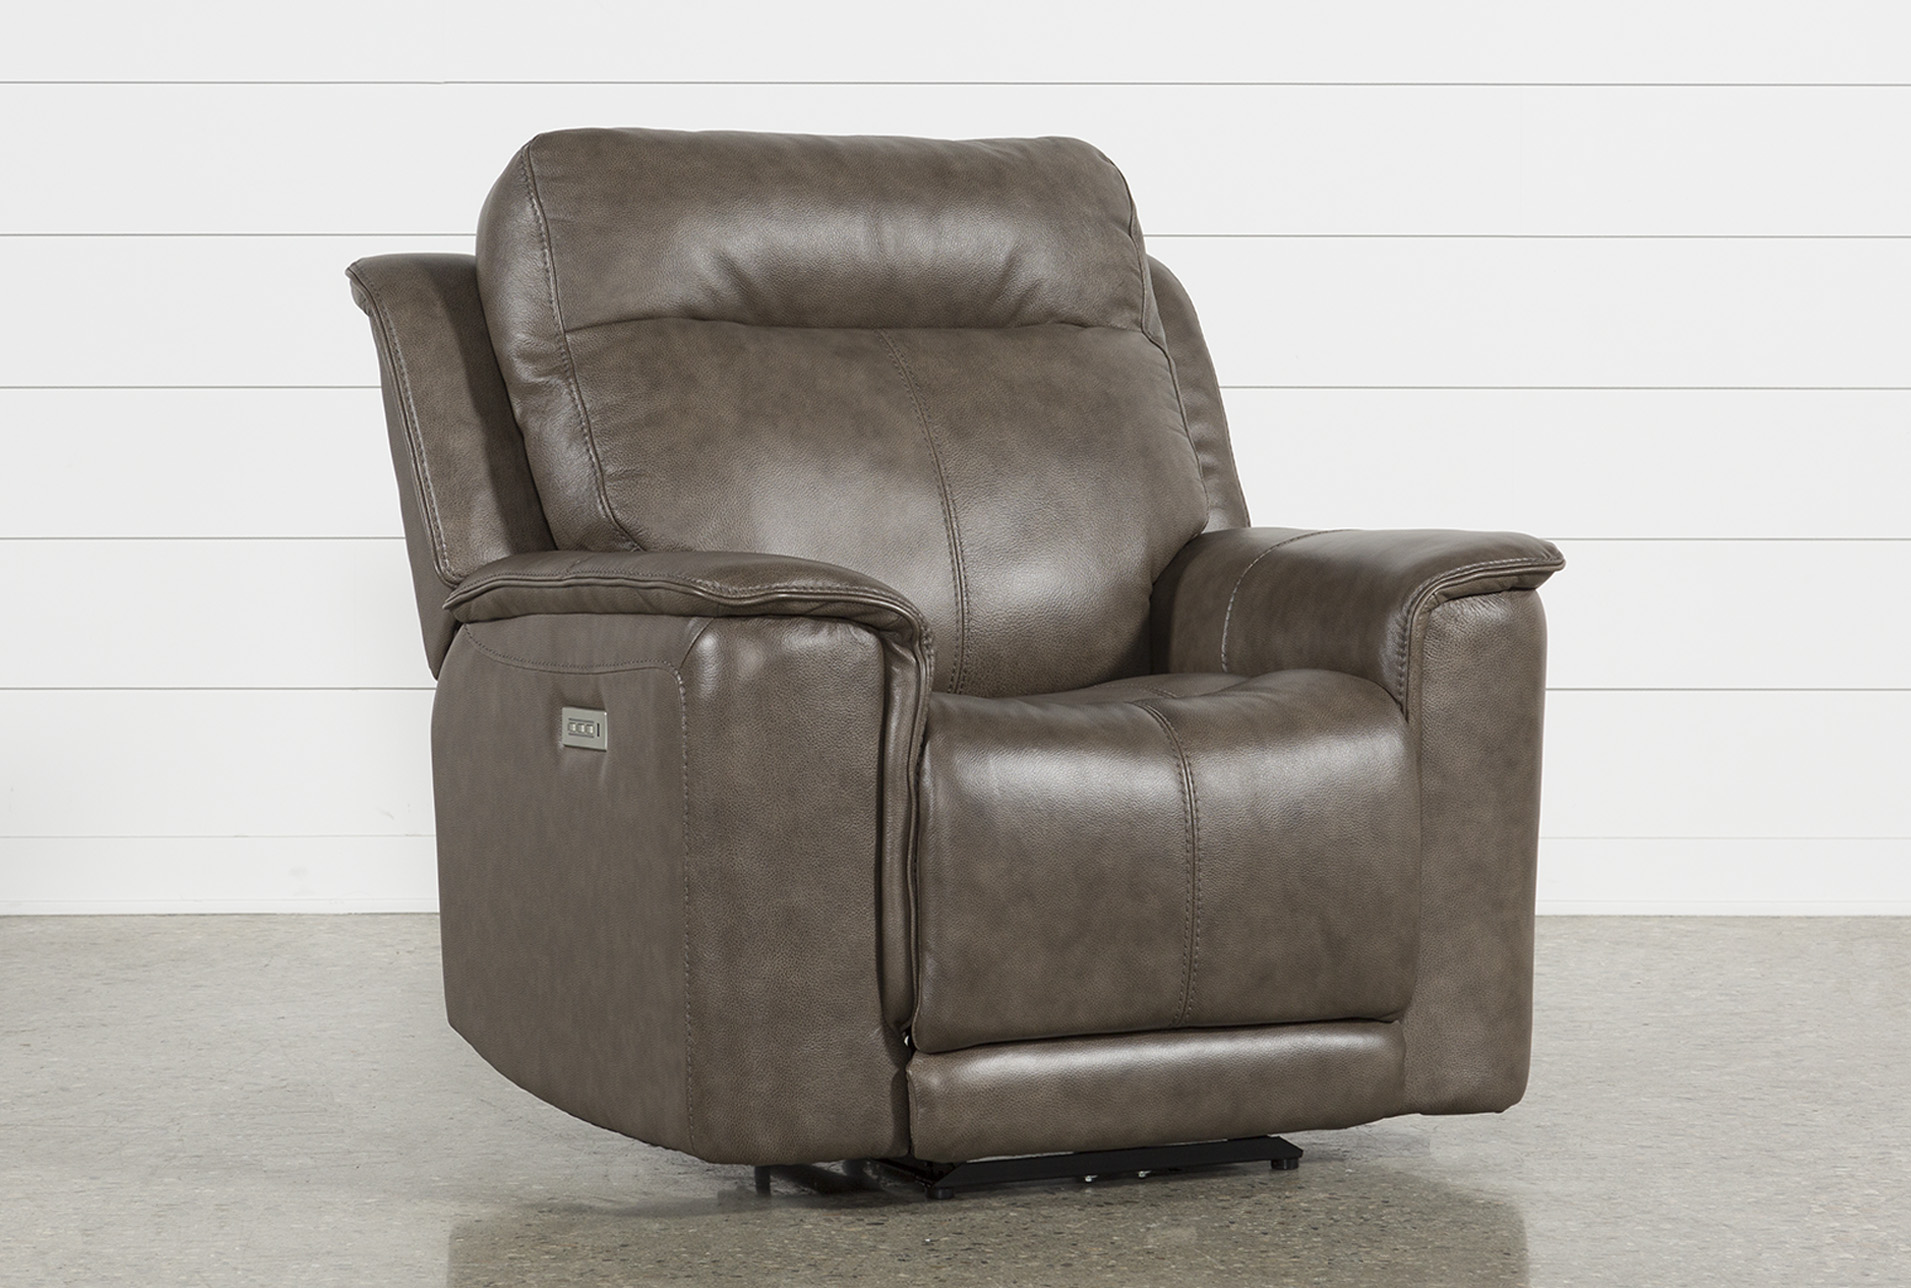 Walsh Mink Power Recliner W/Power Headrest, Lumbar & Usb   Living Spaces